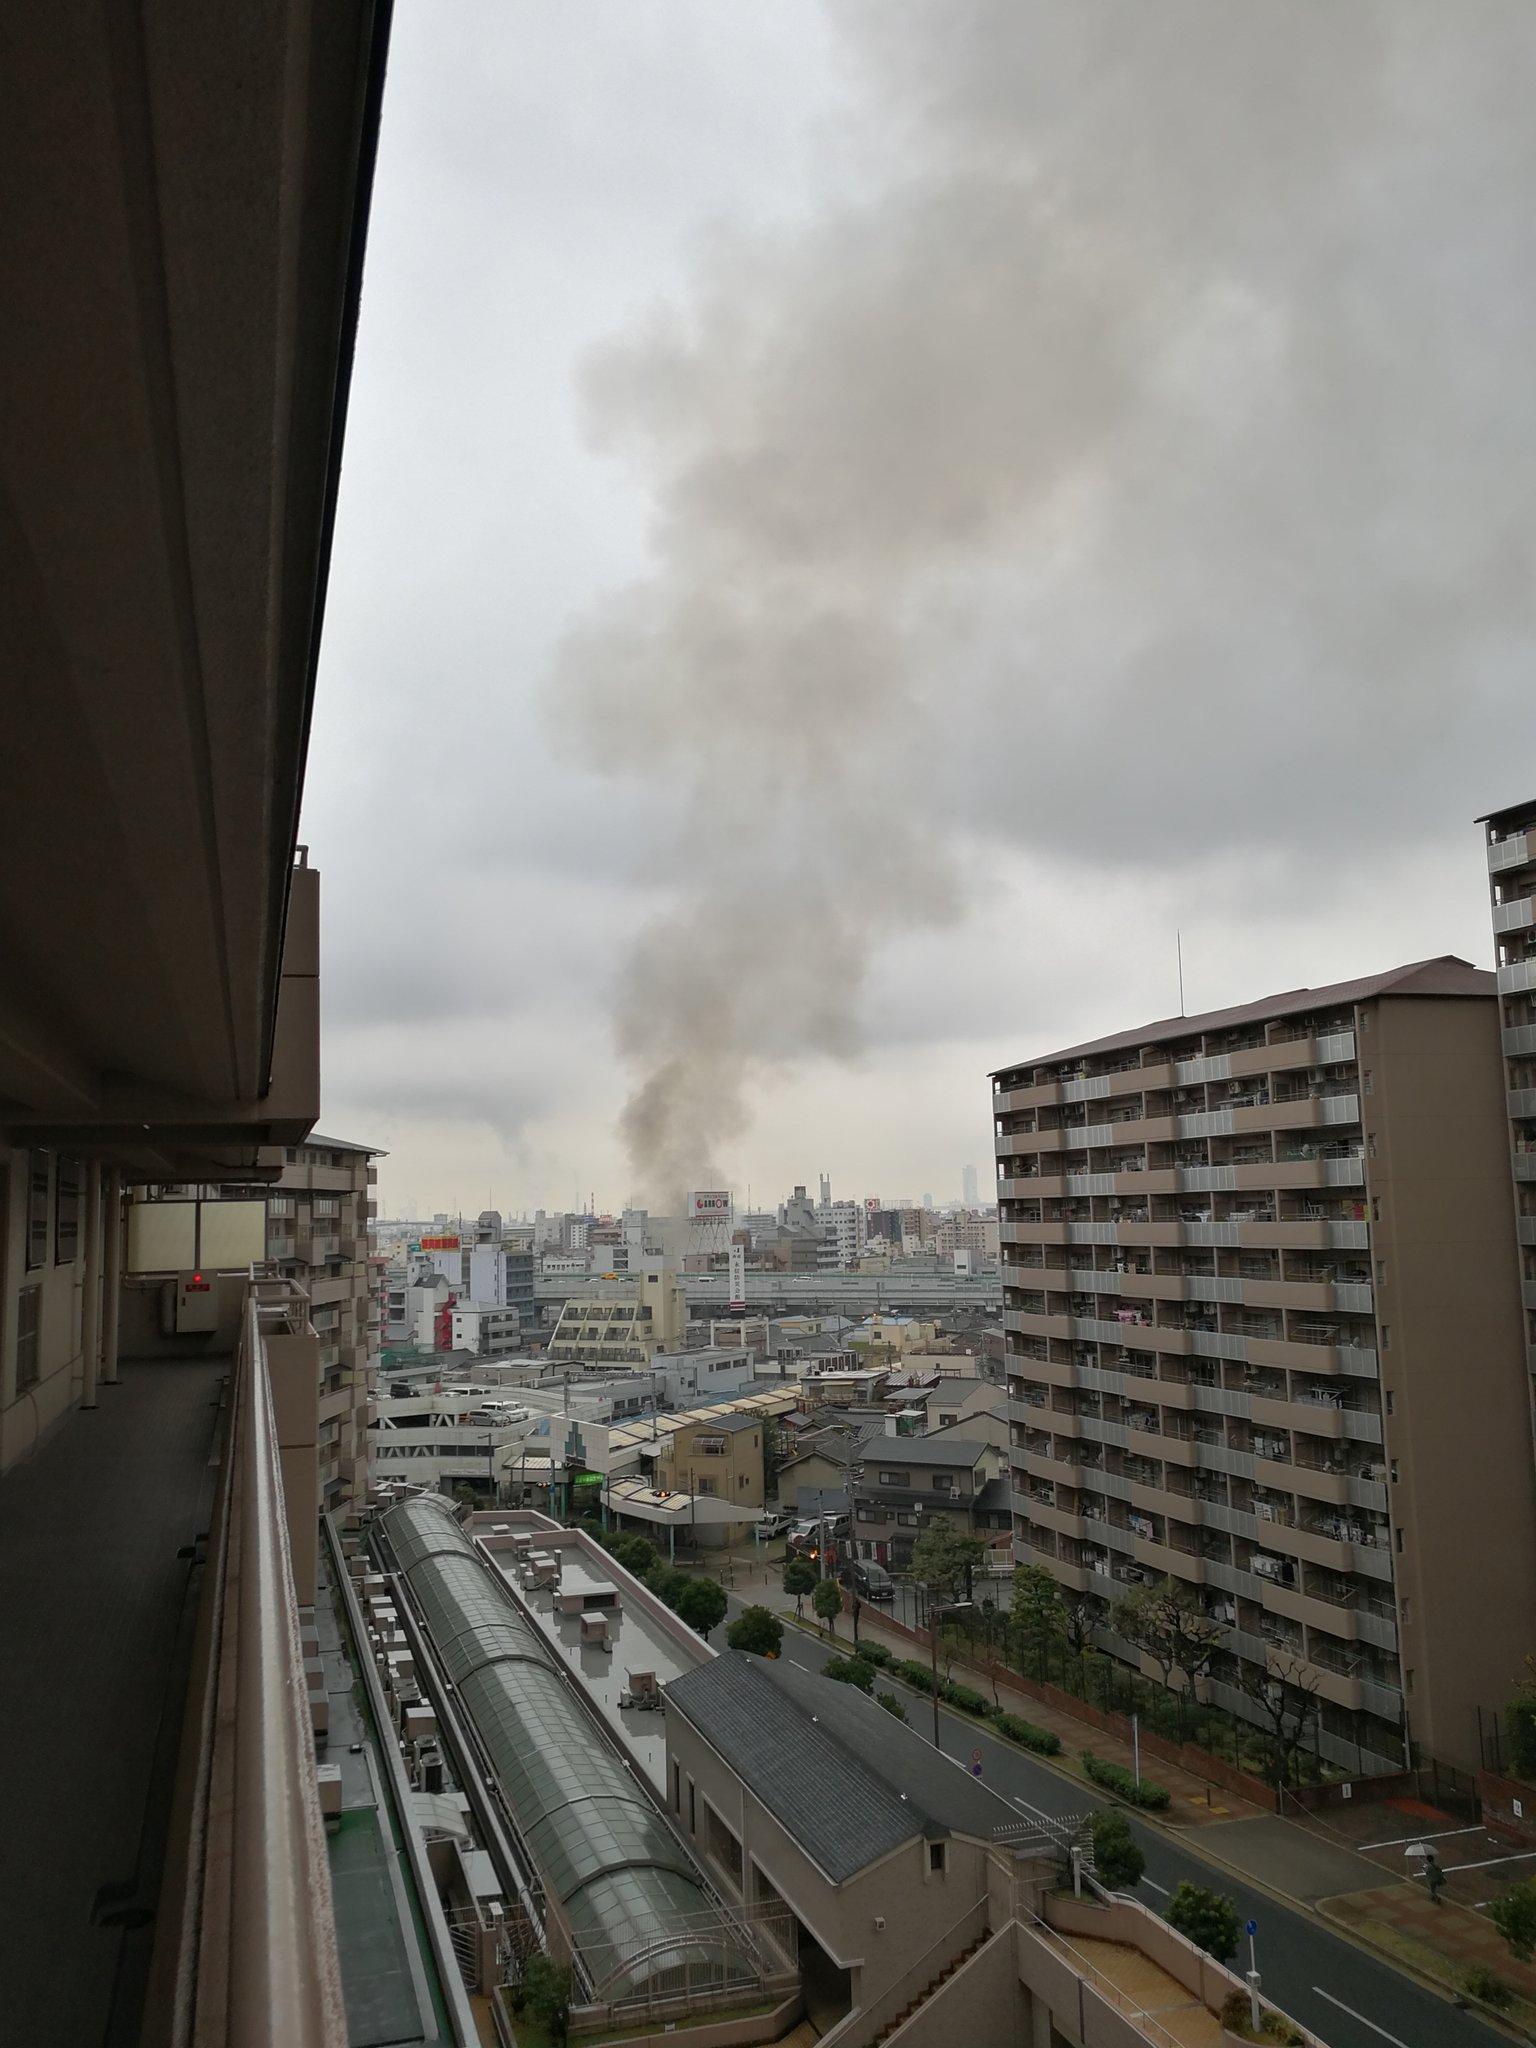 画像,西成で火災#西成 #火災 #火事 #大阪市 #大阪 https://t.co/rc9YDGEDYm。